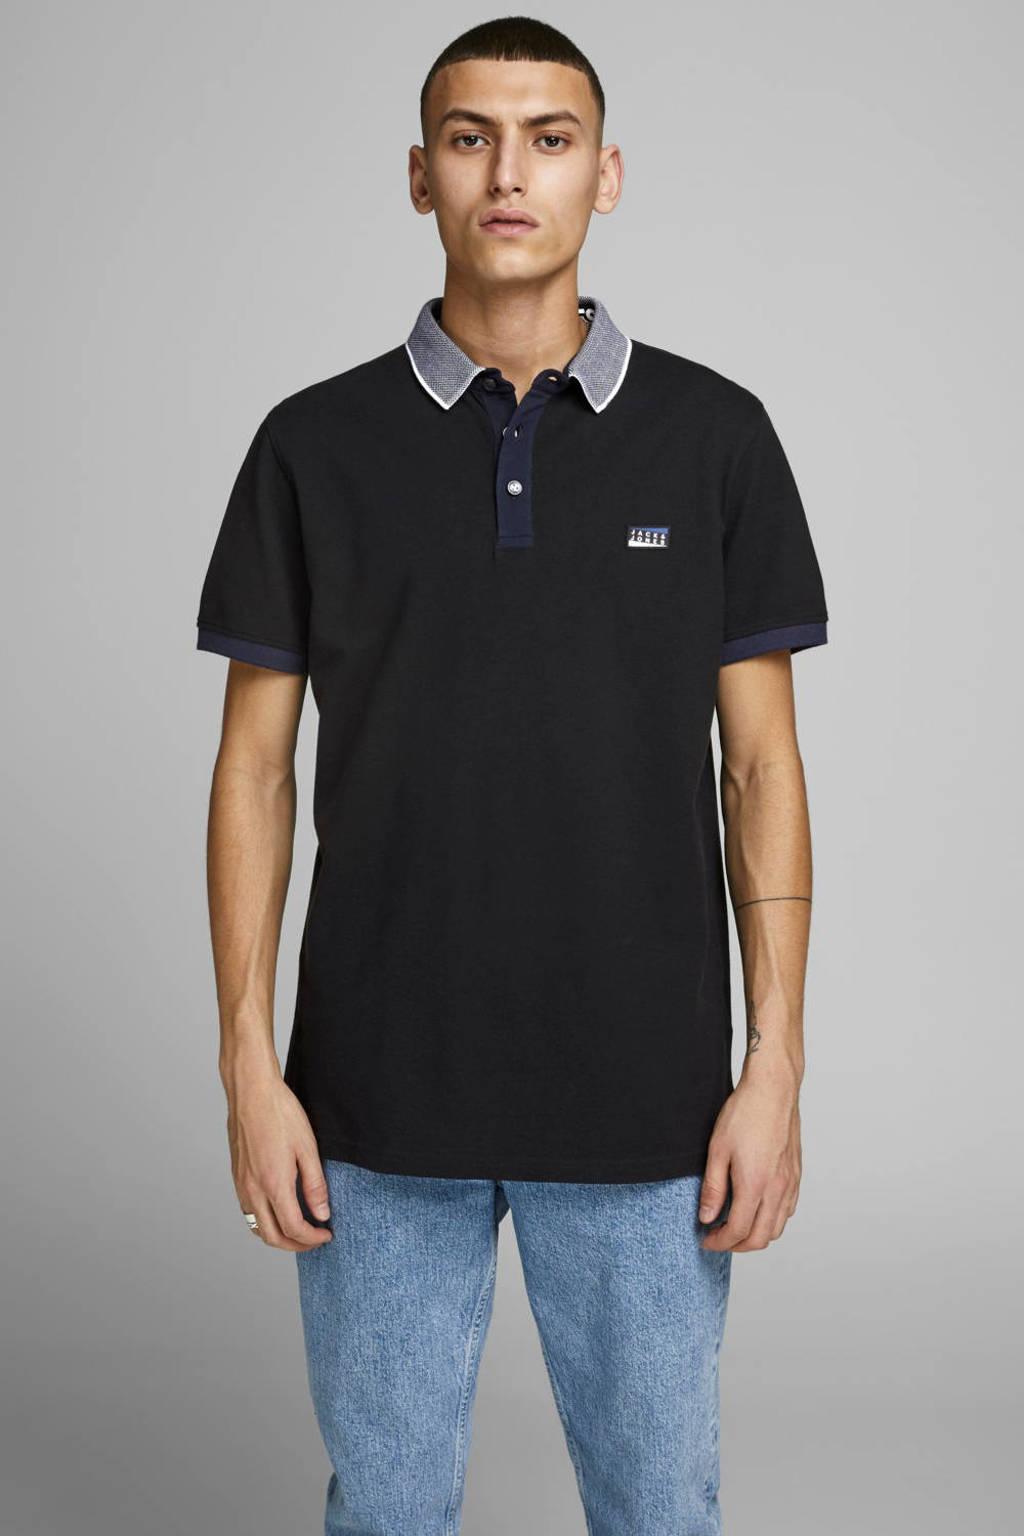 JACK & JONES CORE slim fit polo met logo zwart, Zwart